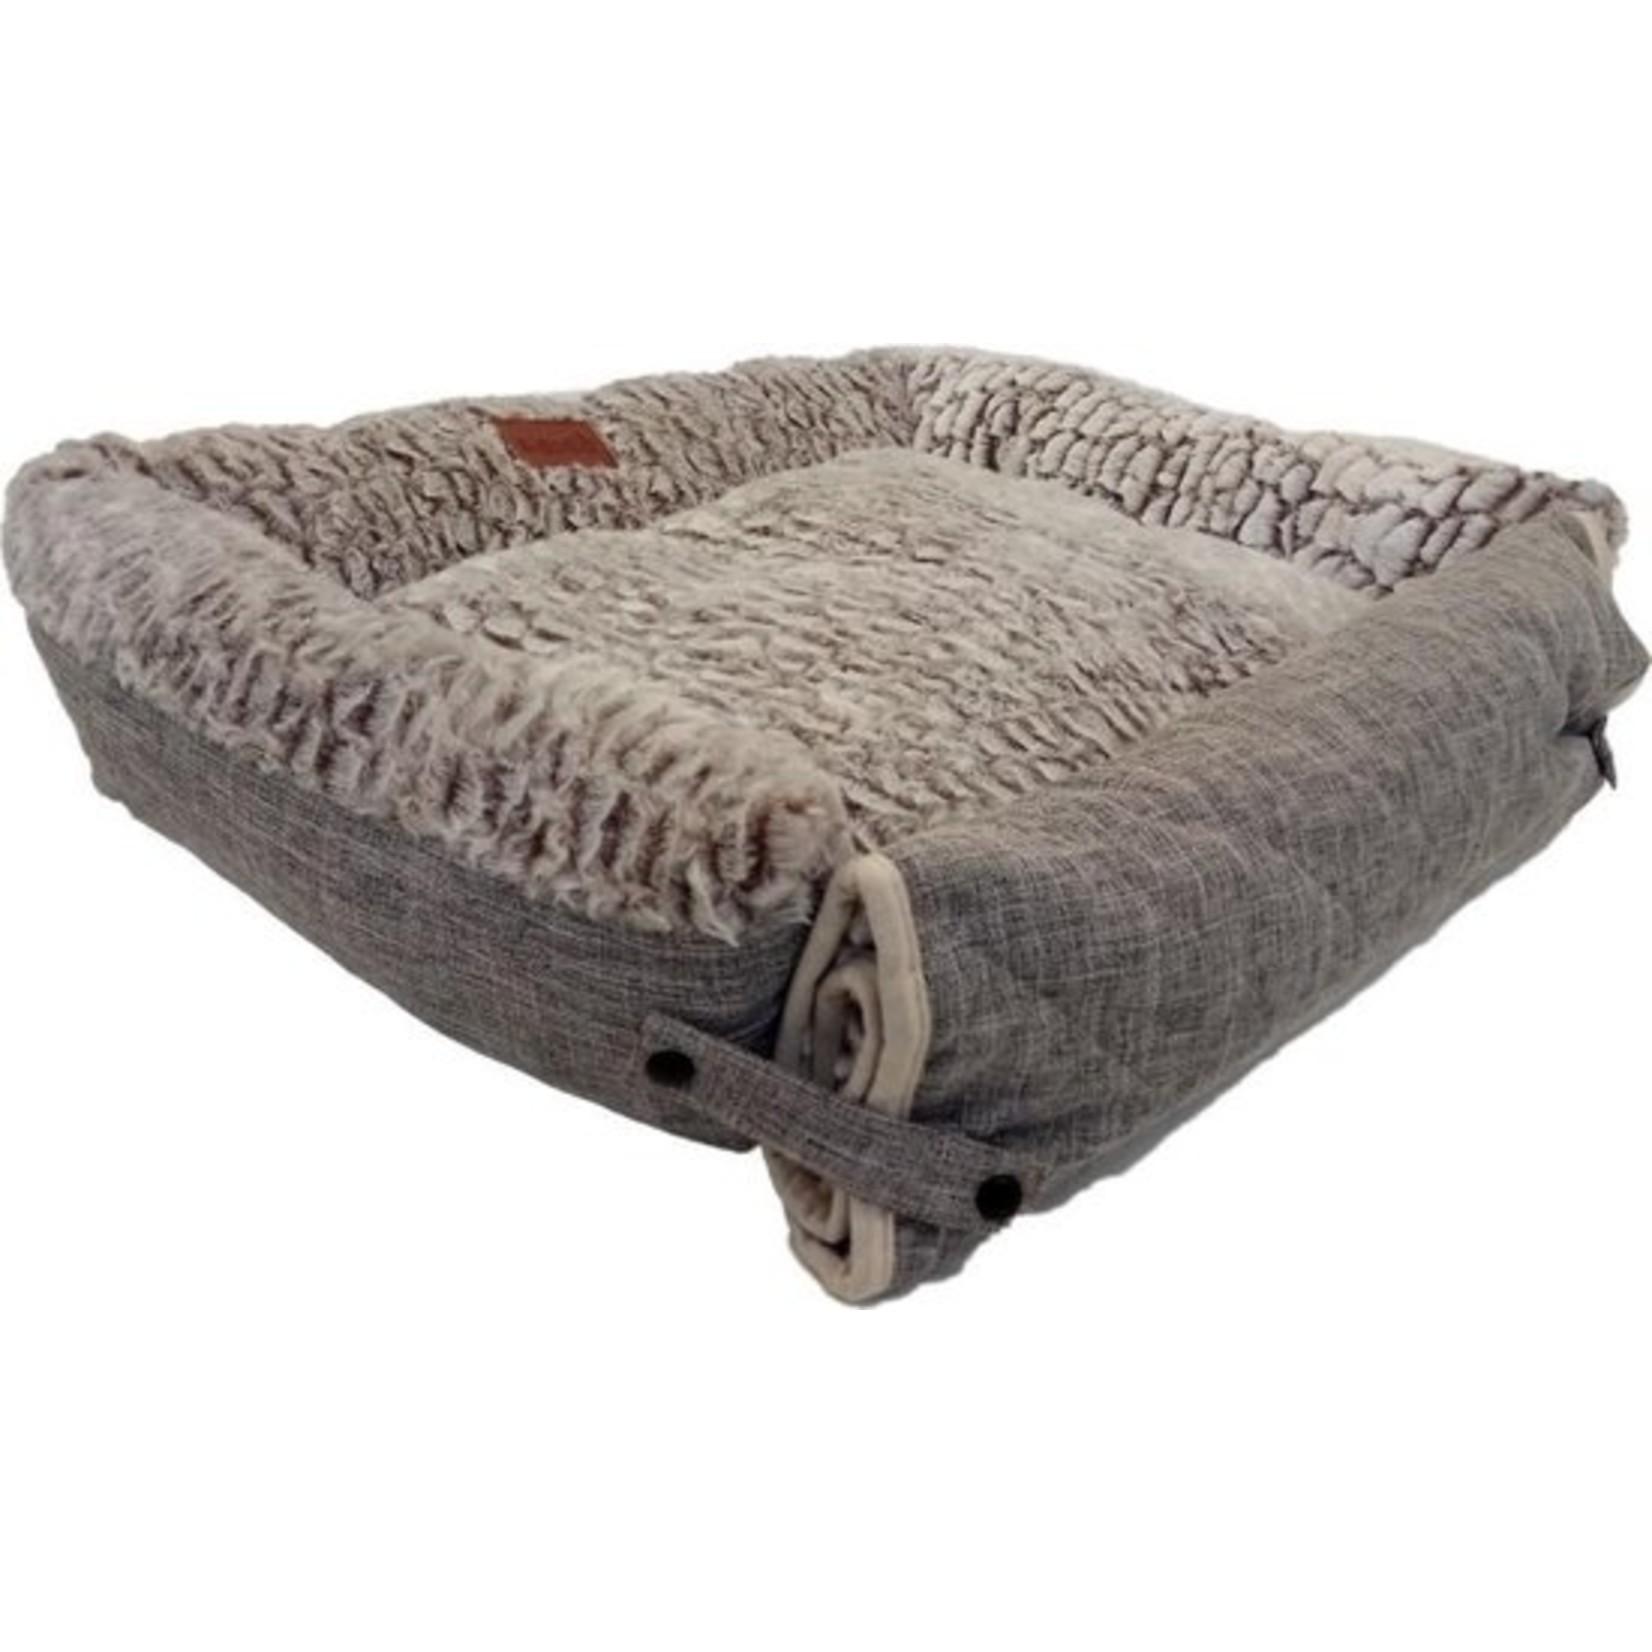 Hondenmand I-Cigo grijs 70x60 cm